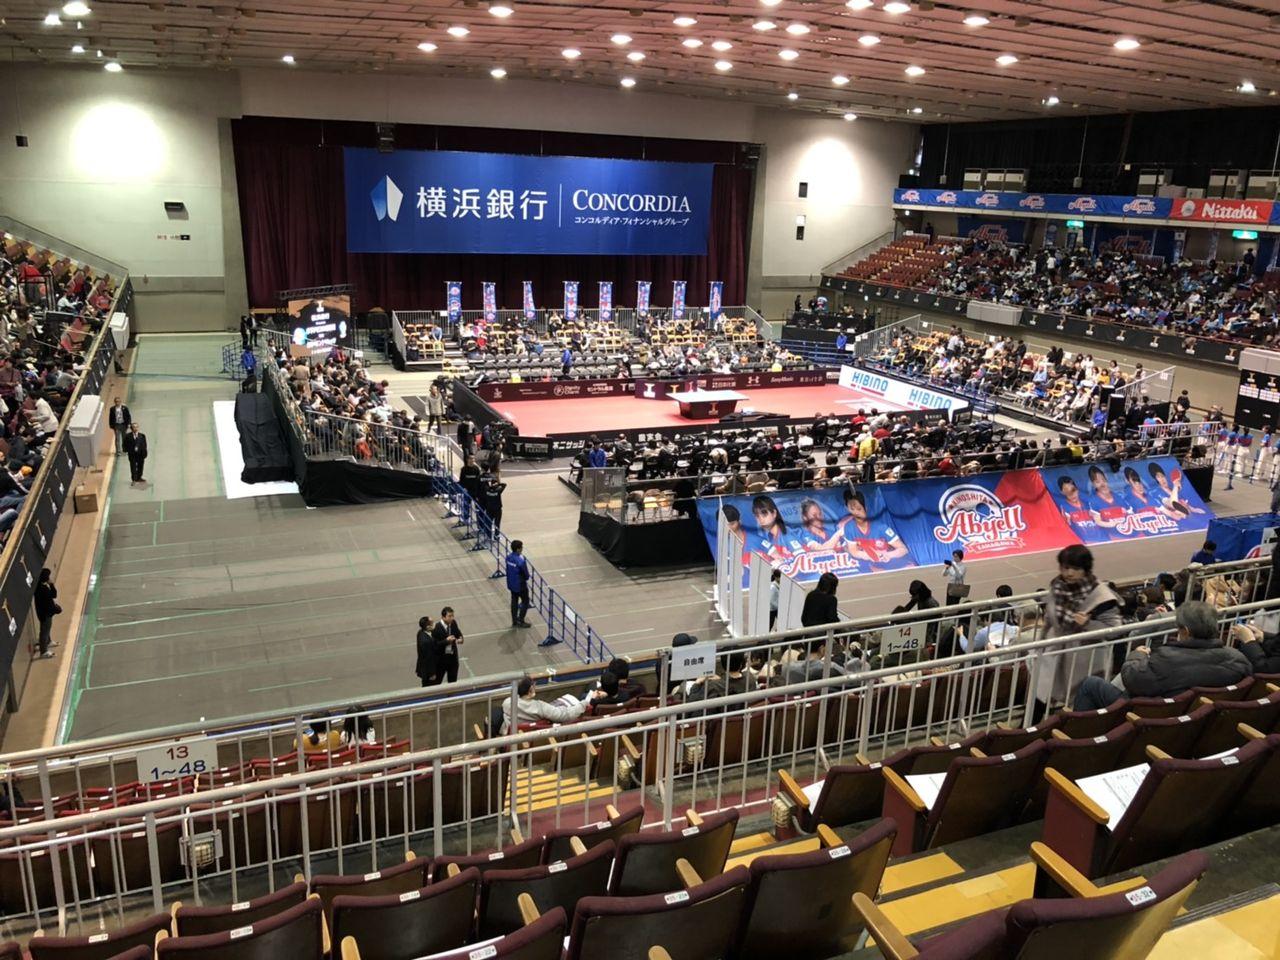 横浜 文化 体育館